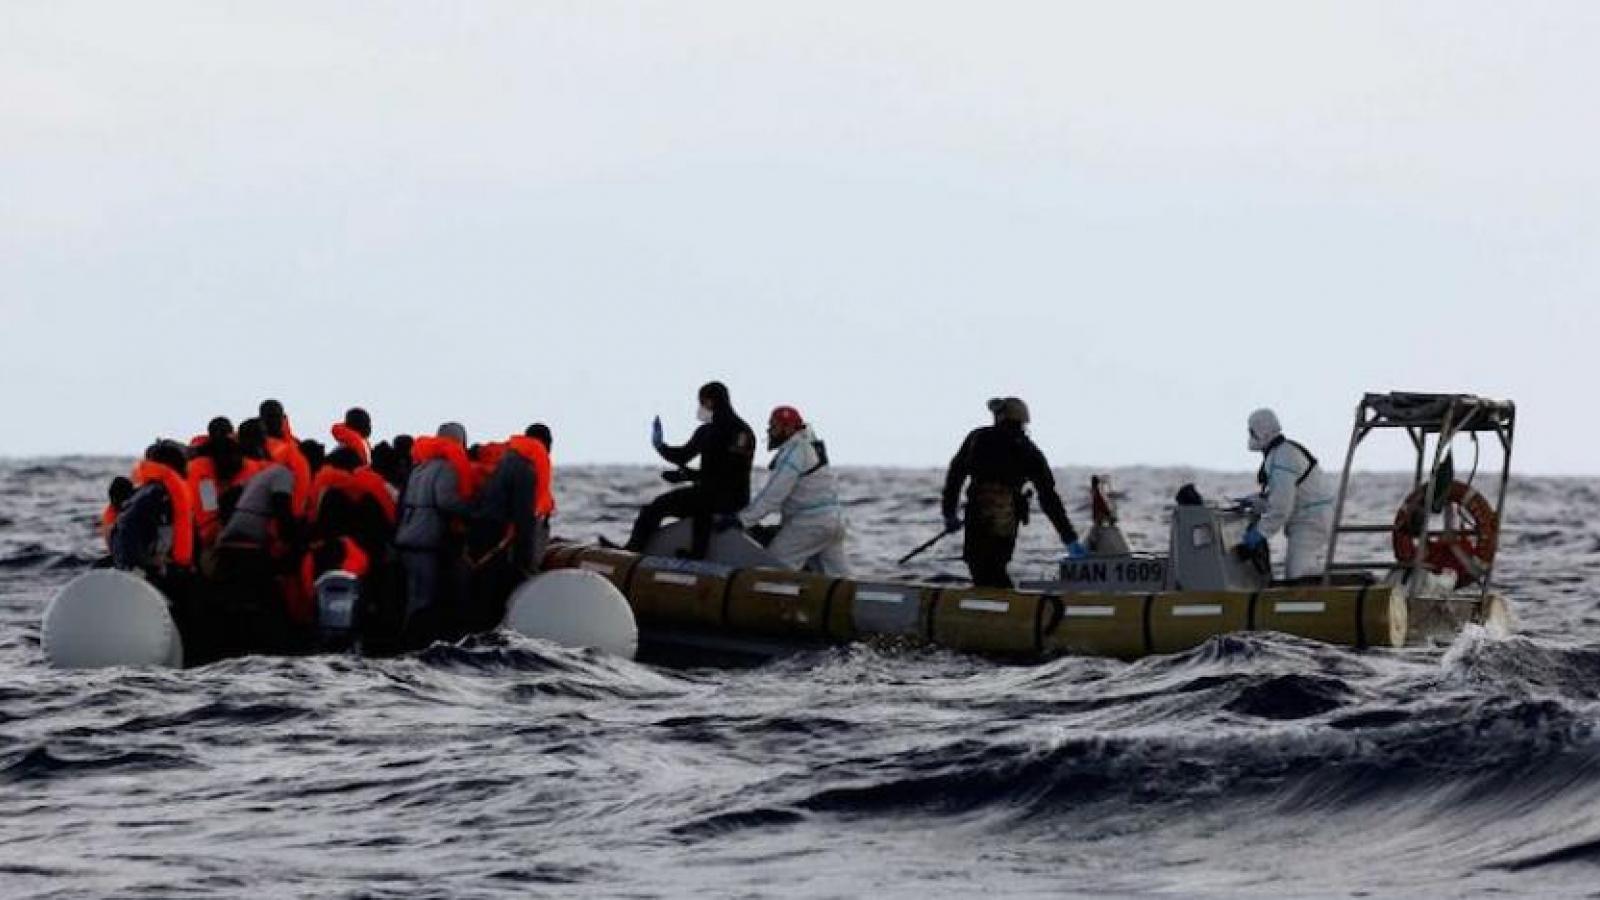 Chìm phà chở người di cư bất hợp pháp ở Địa Trung Hải khiến 39 người chết